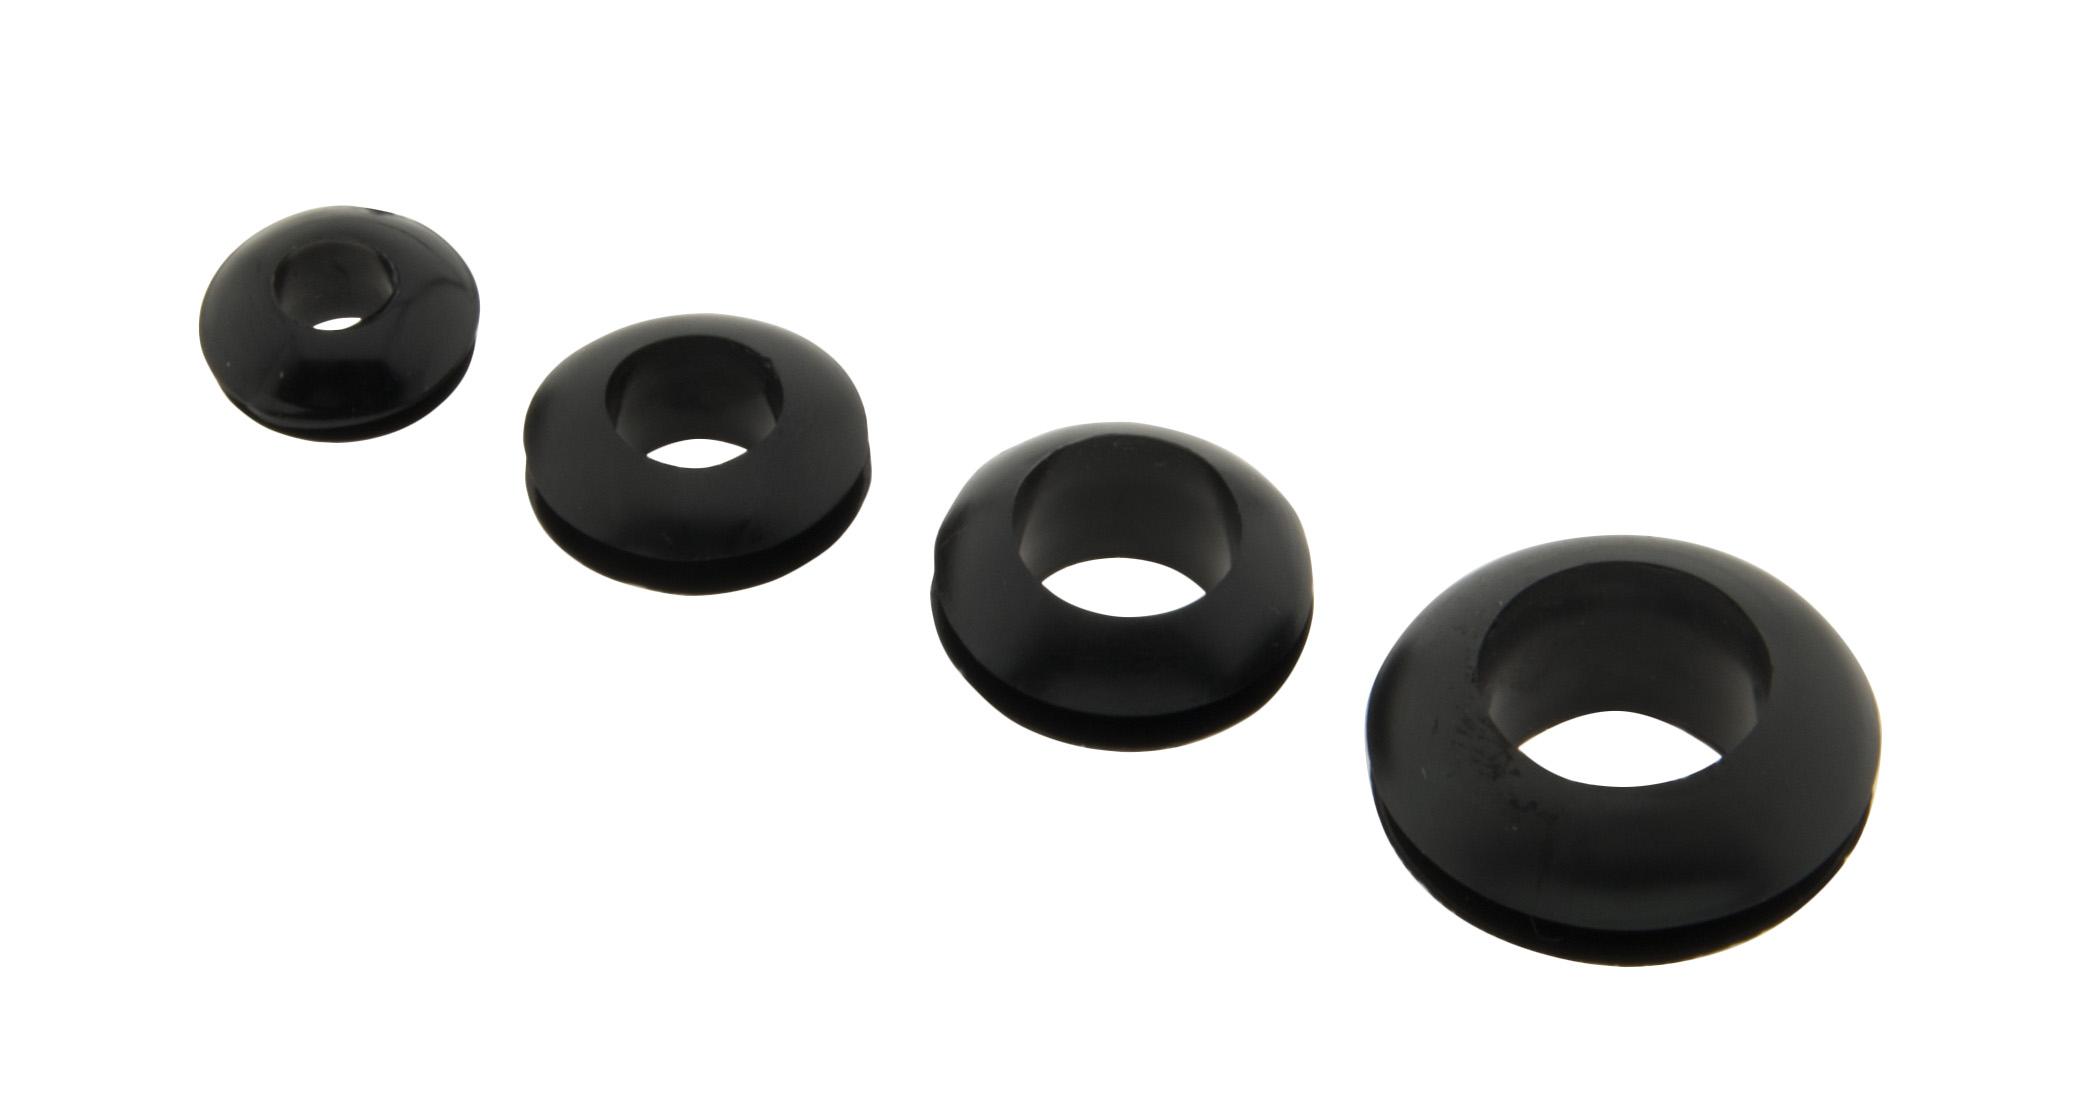 1 Stk Gummi Kabeldurchführung schwarz Montageloch 10mm Innen 8mm LIZU021010